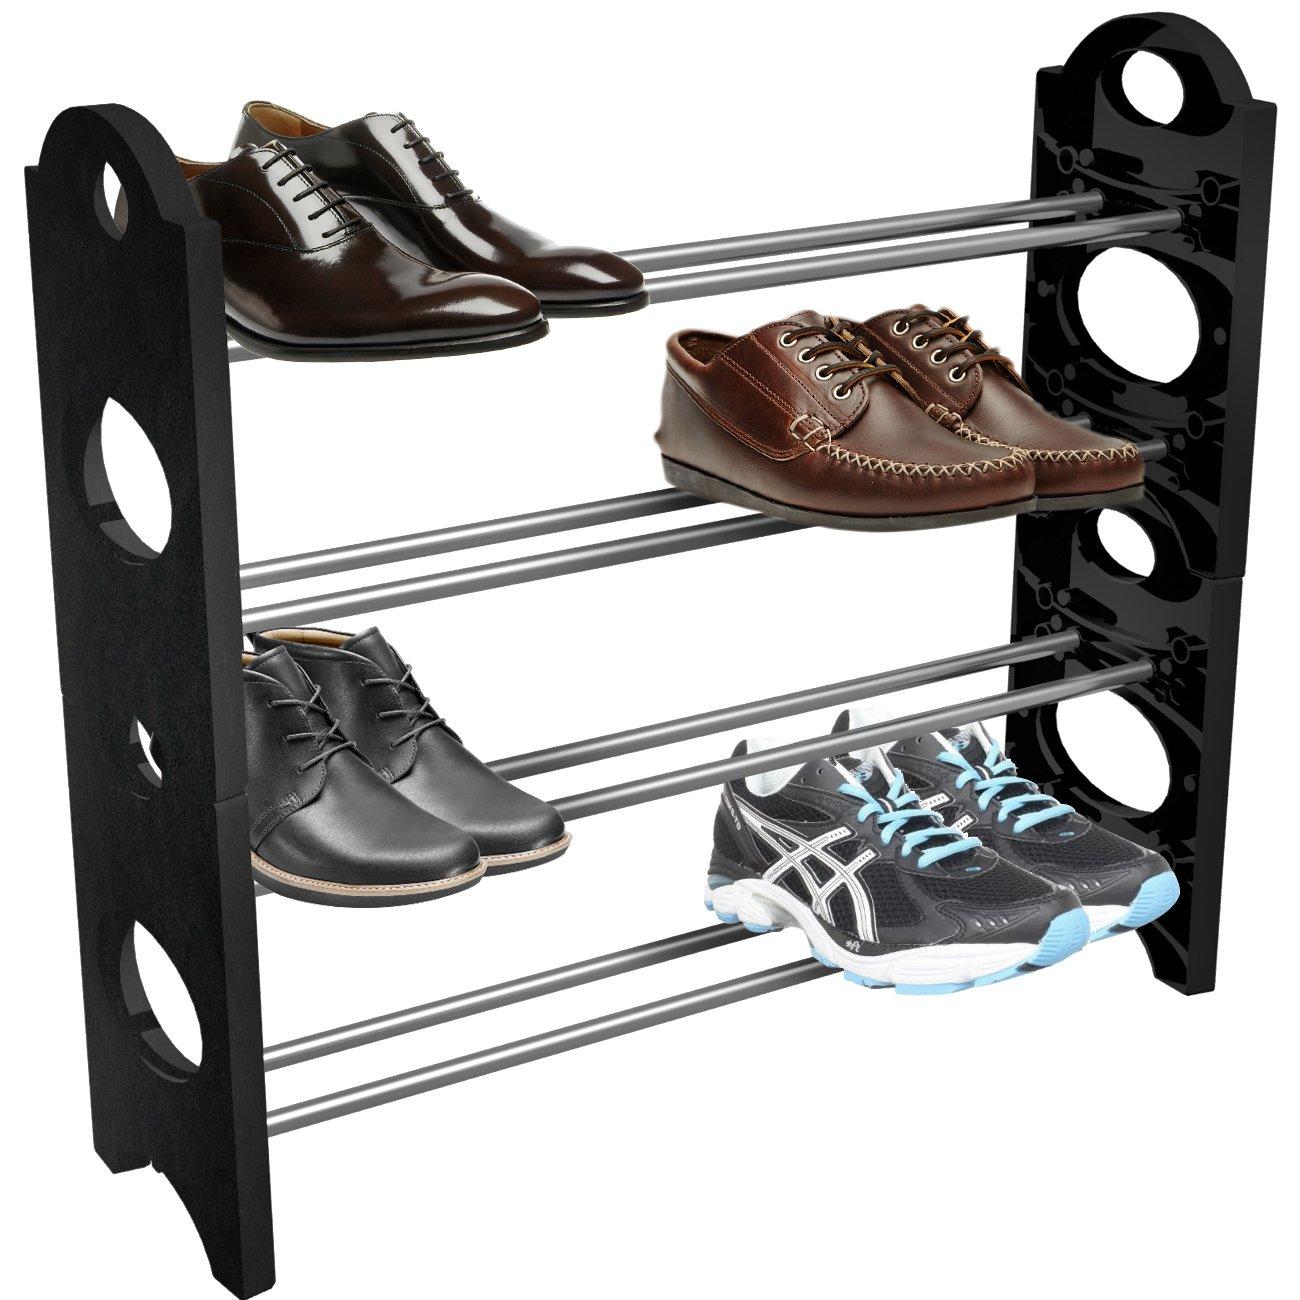 Amazoncom Sorbus Shoe Rack Organizer Storage u2013